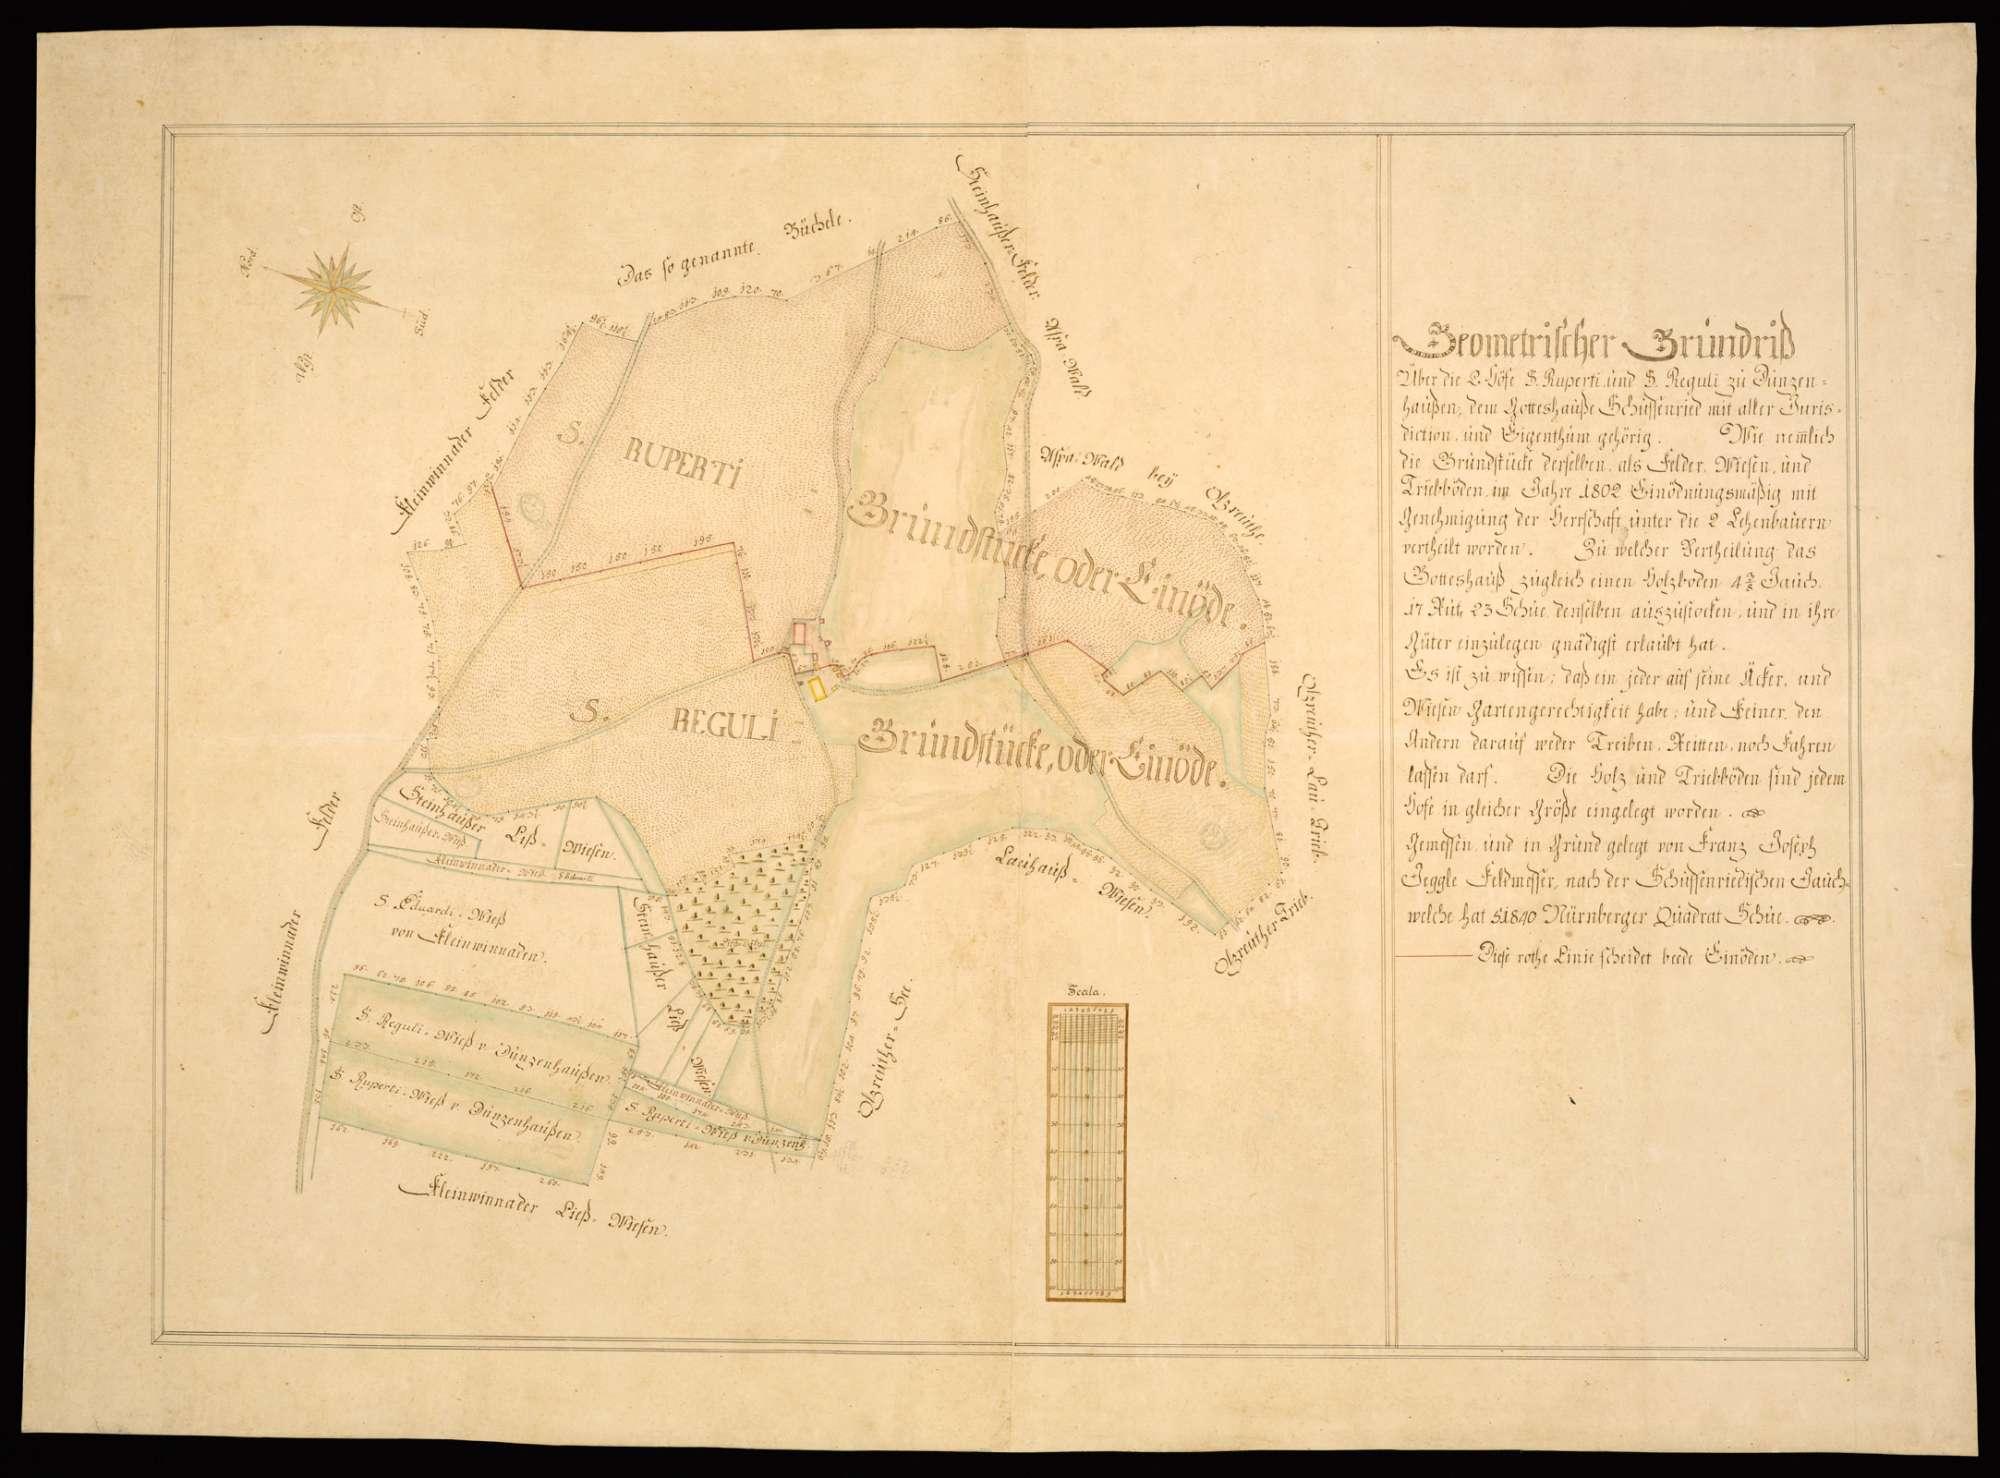 """Dunzenhausen """"Geometrischer Grundriß über die 2 Höfe S. Ruperti und S. Reguli zu Dunzenhausen, dem Gotteshauße Schussenried mit aller Jurisdiction und Eigenthum gehörig"""", Bild 2"""